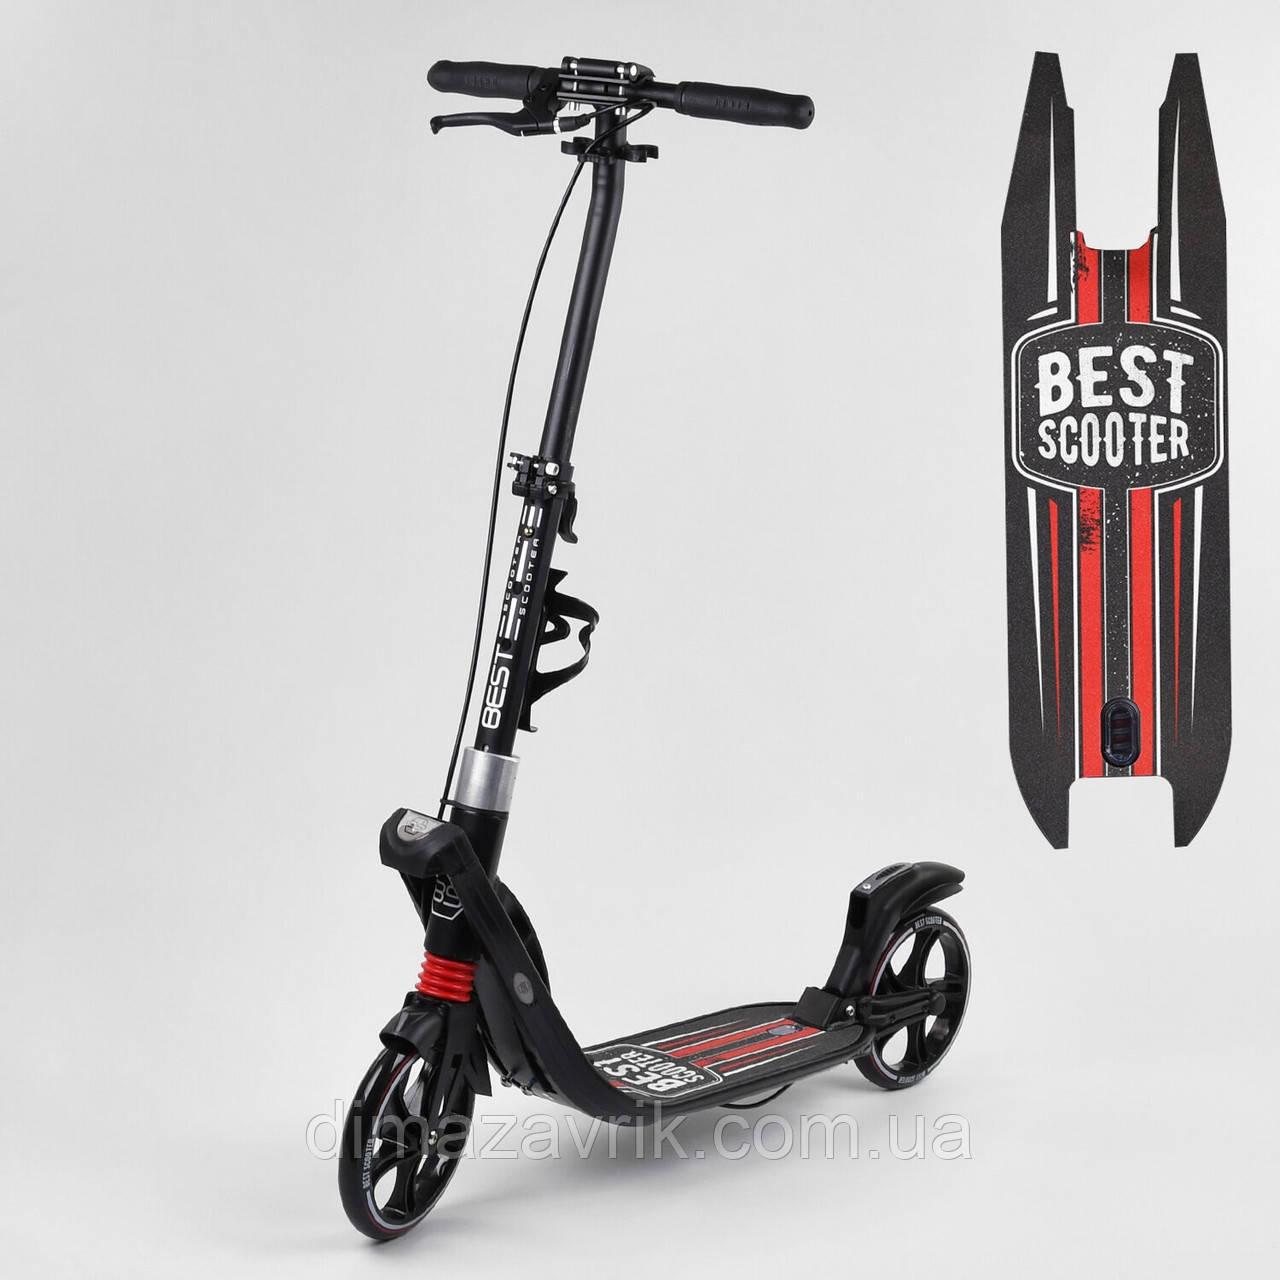 Самокат Best Scooter 50065 Черный